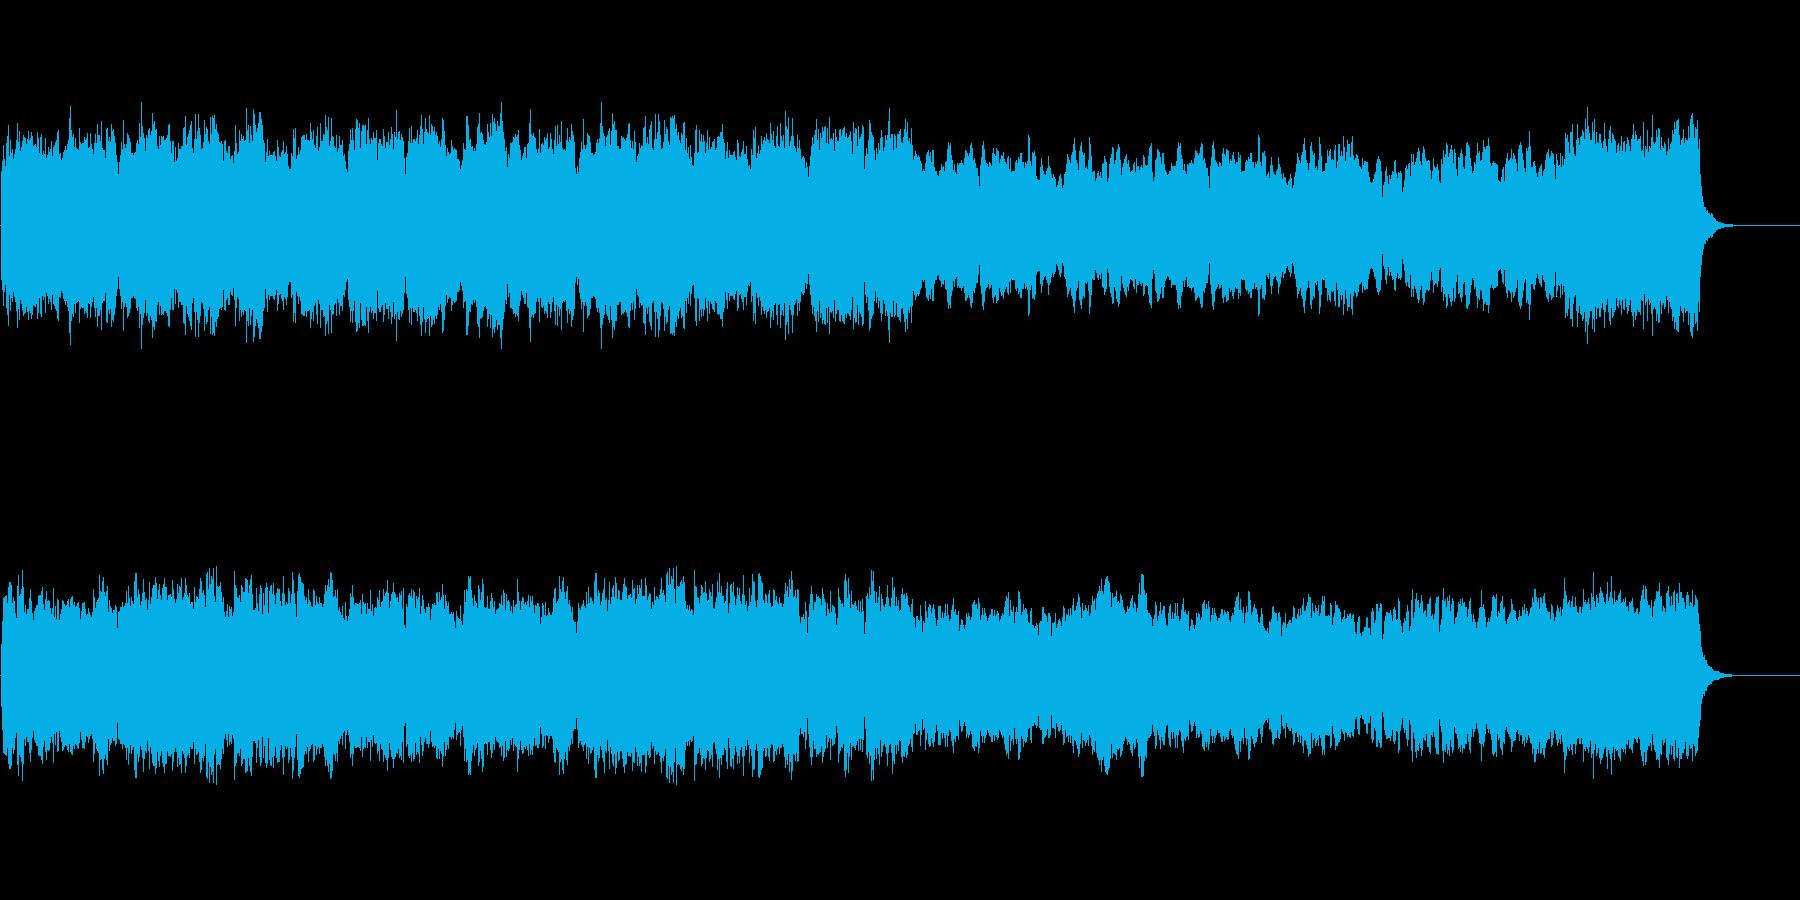 パイプオルガンの美しく荘厳な教会音楽の再生済みの波形